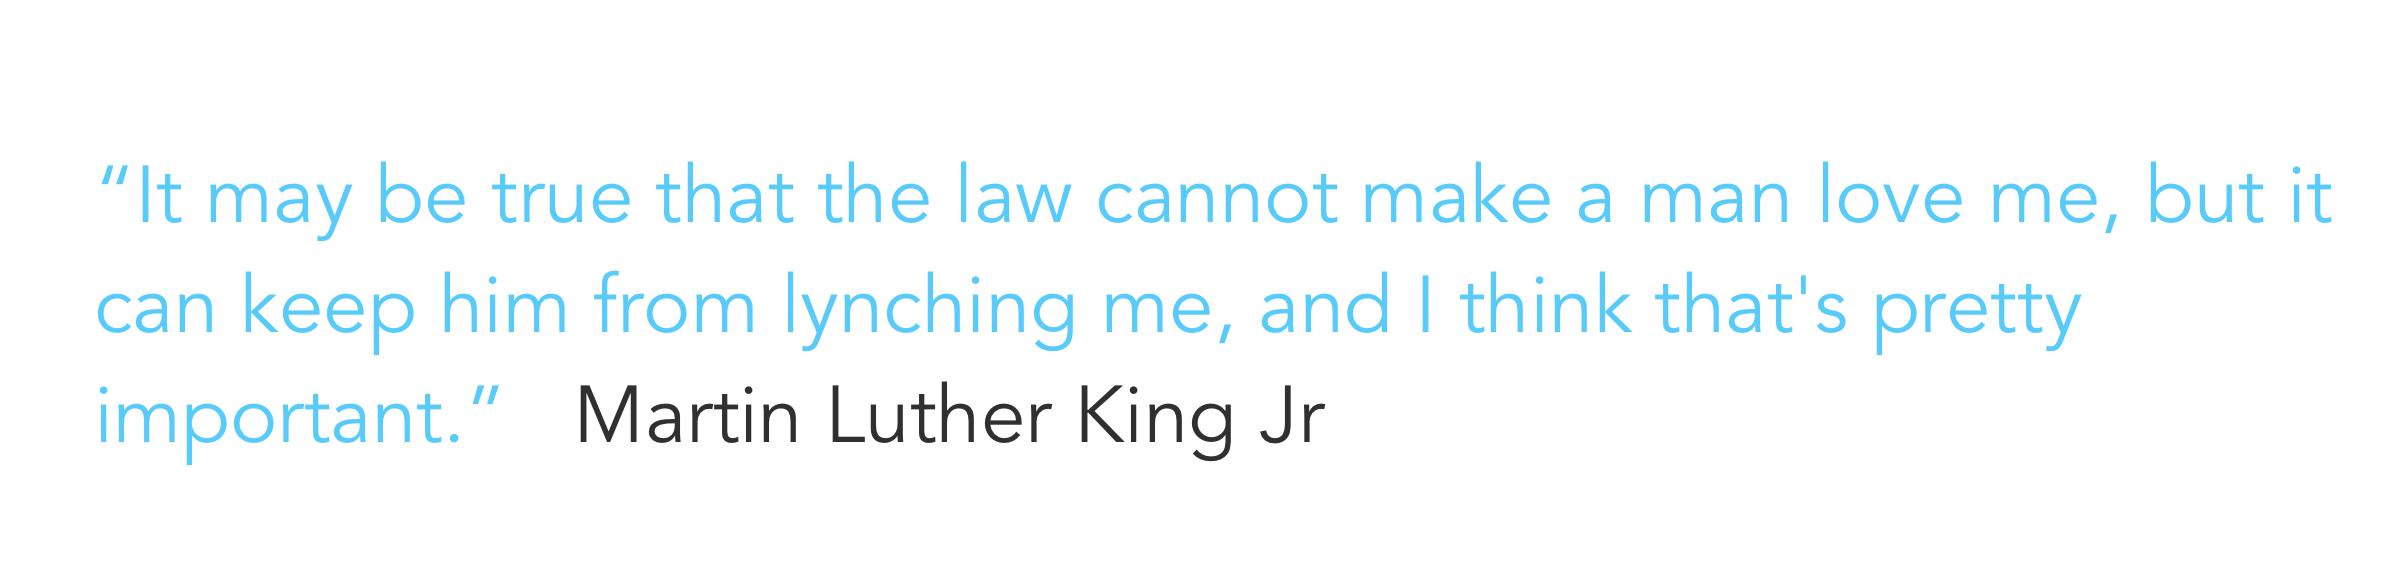 quote-litigation-002.png